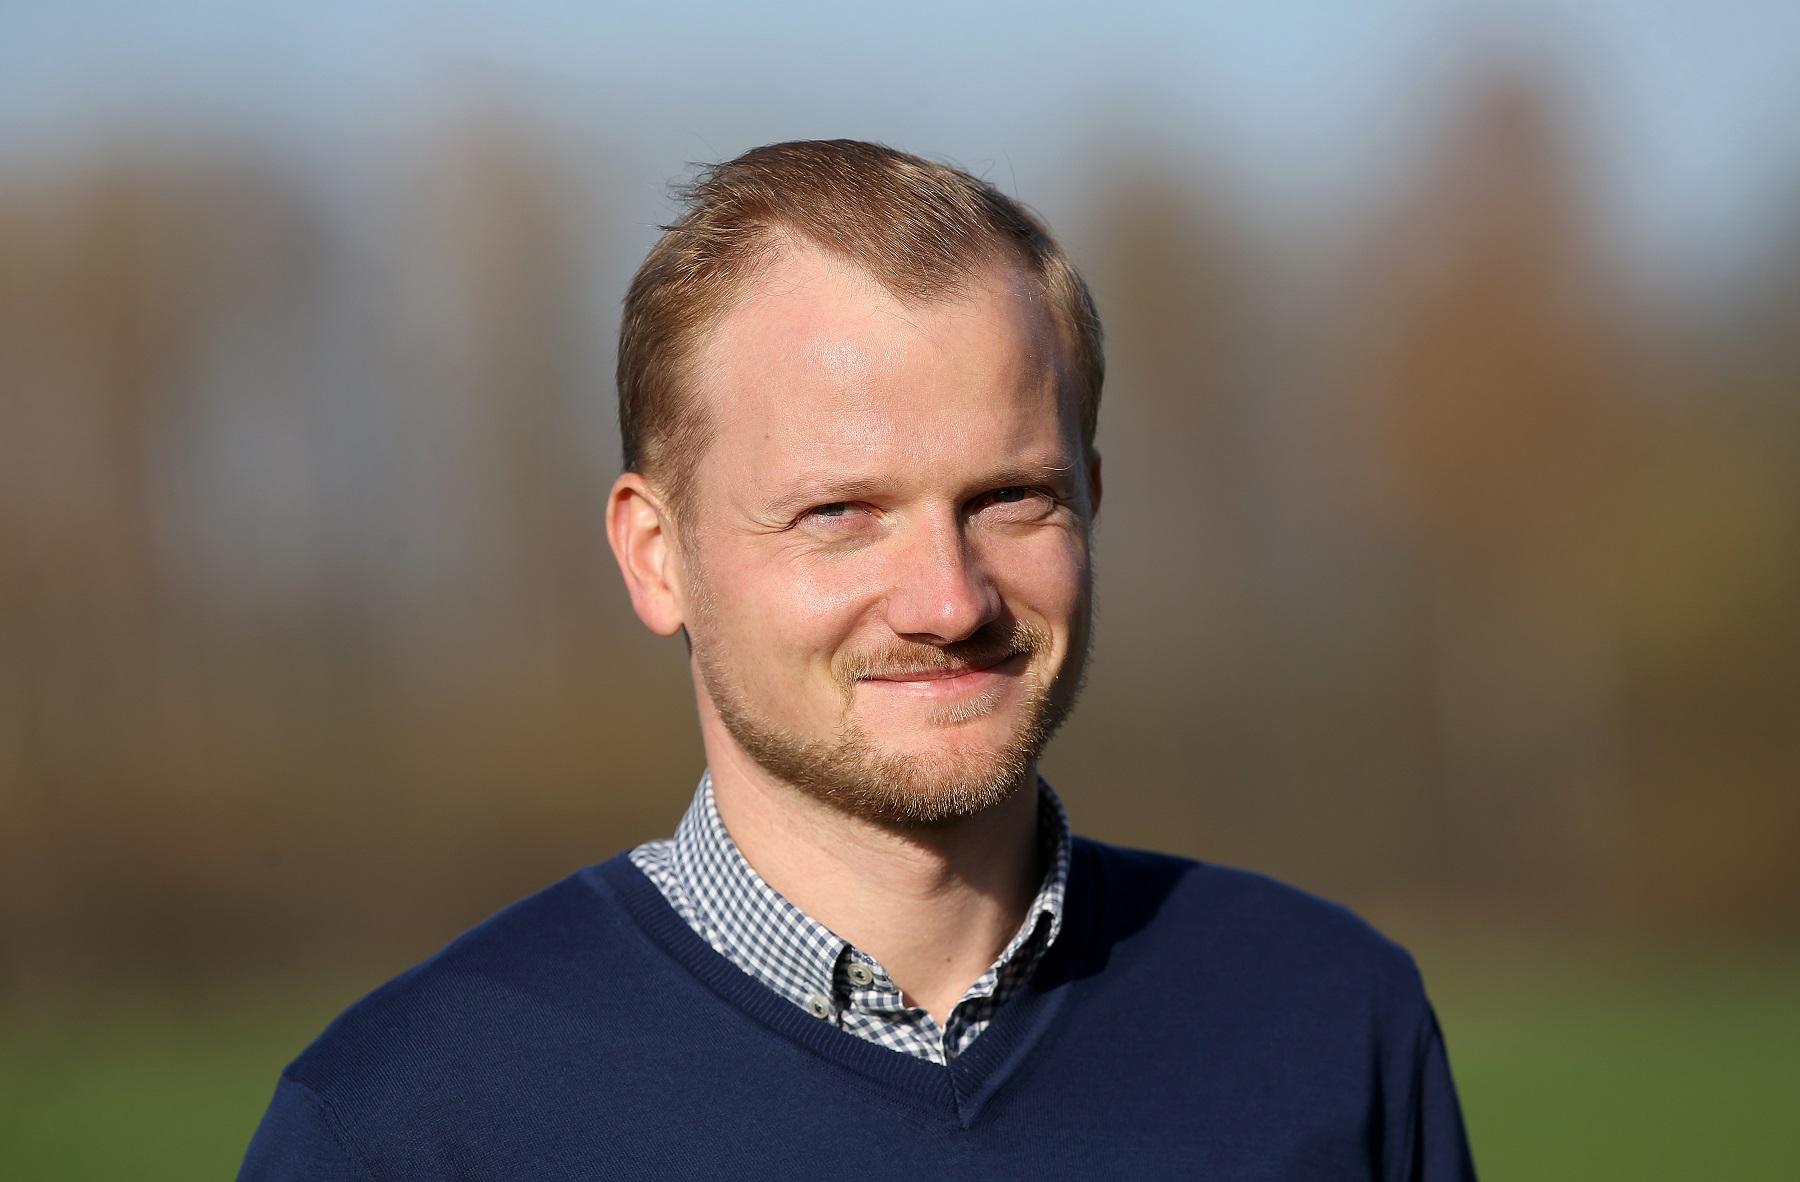 """Vienintelės Lietuvoje reguliuojamas drenažo sistemas kuriančios ir diegiančios bendrovės """"Ekodrena"""" vadovas Jonas Steikūnas pabrėžia, kad naujos kartos laukų drenažas duoda abipusę naudą – tiek žemdirbiams, tiek gamtai."""